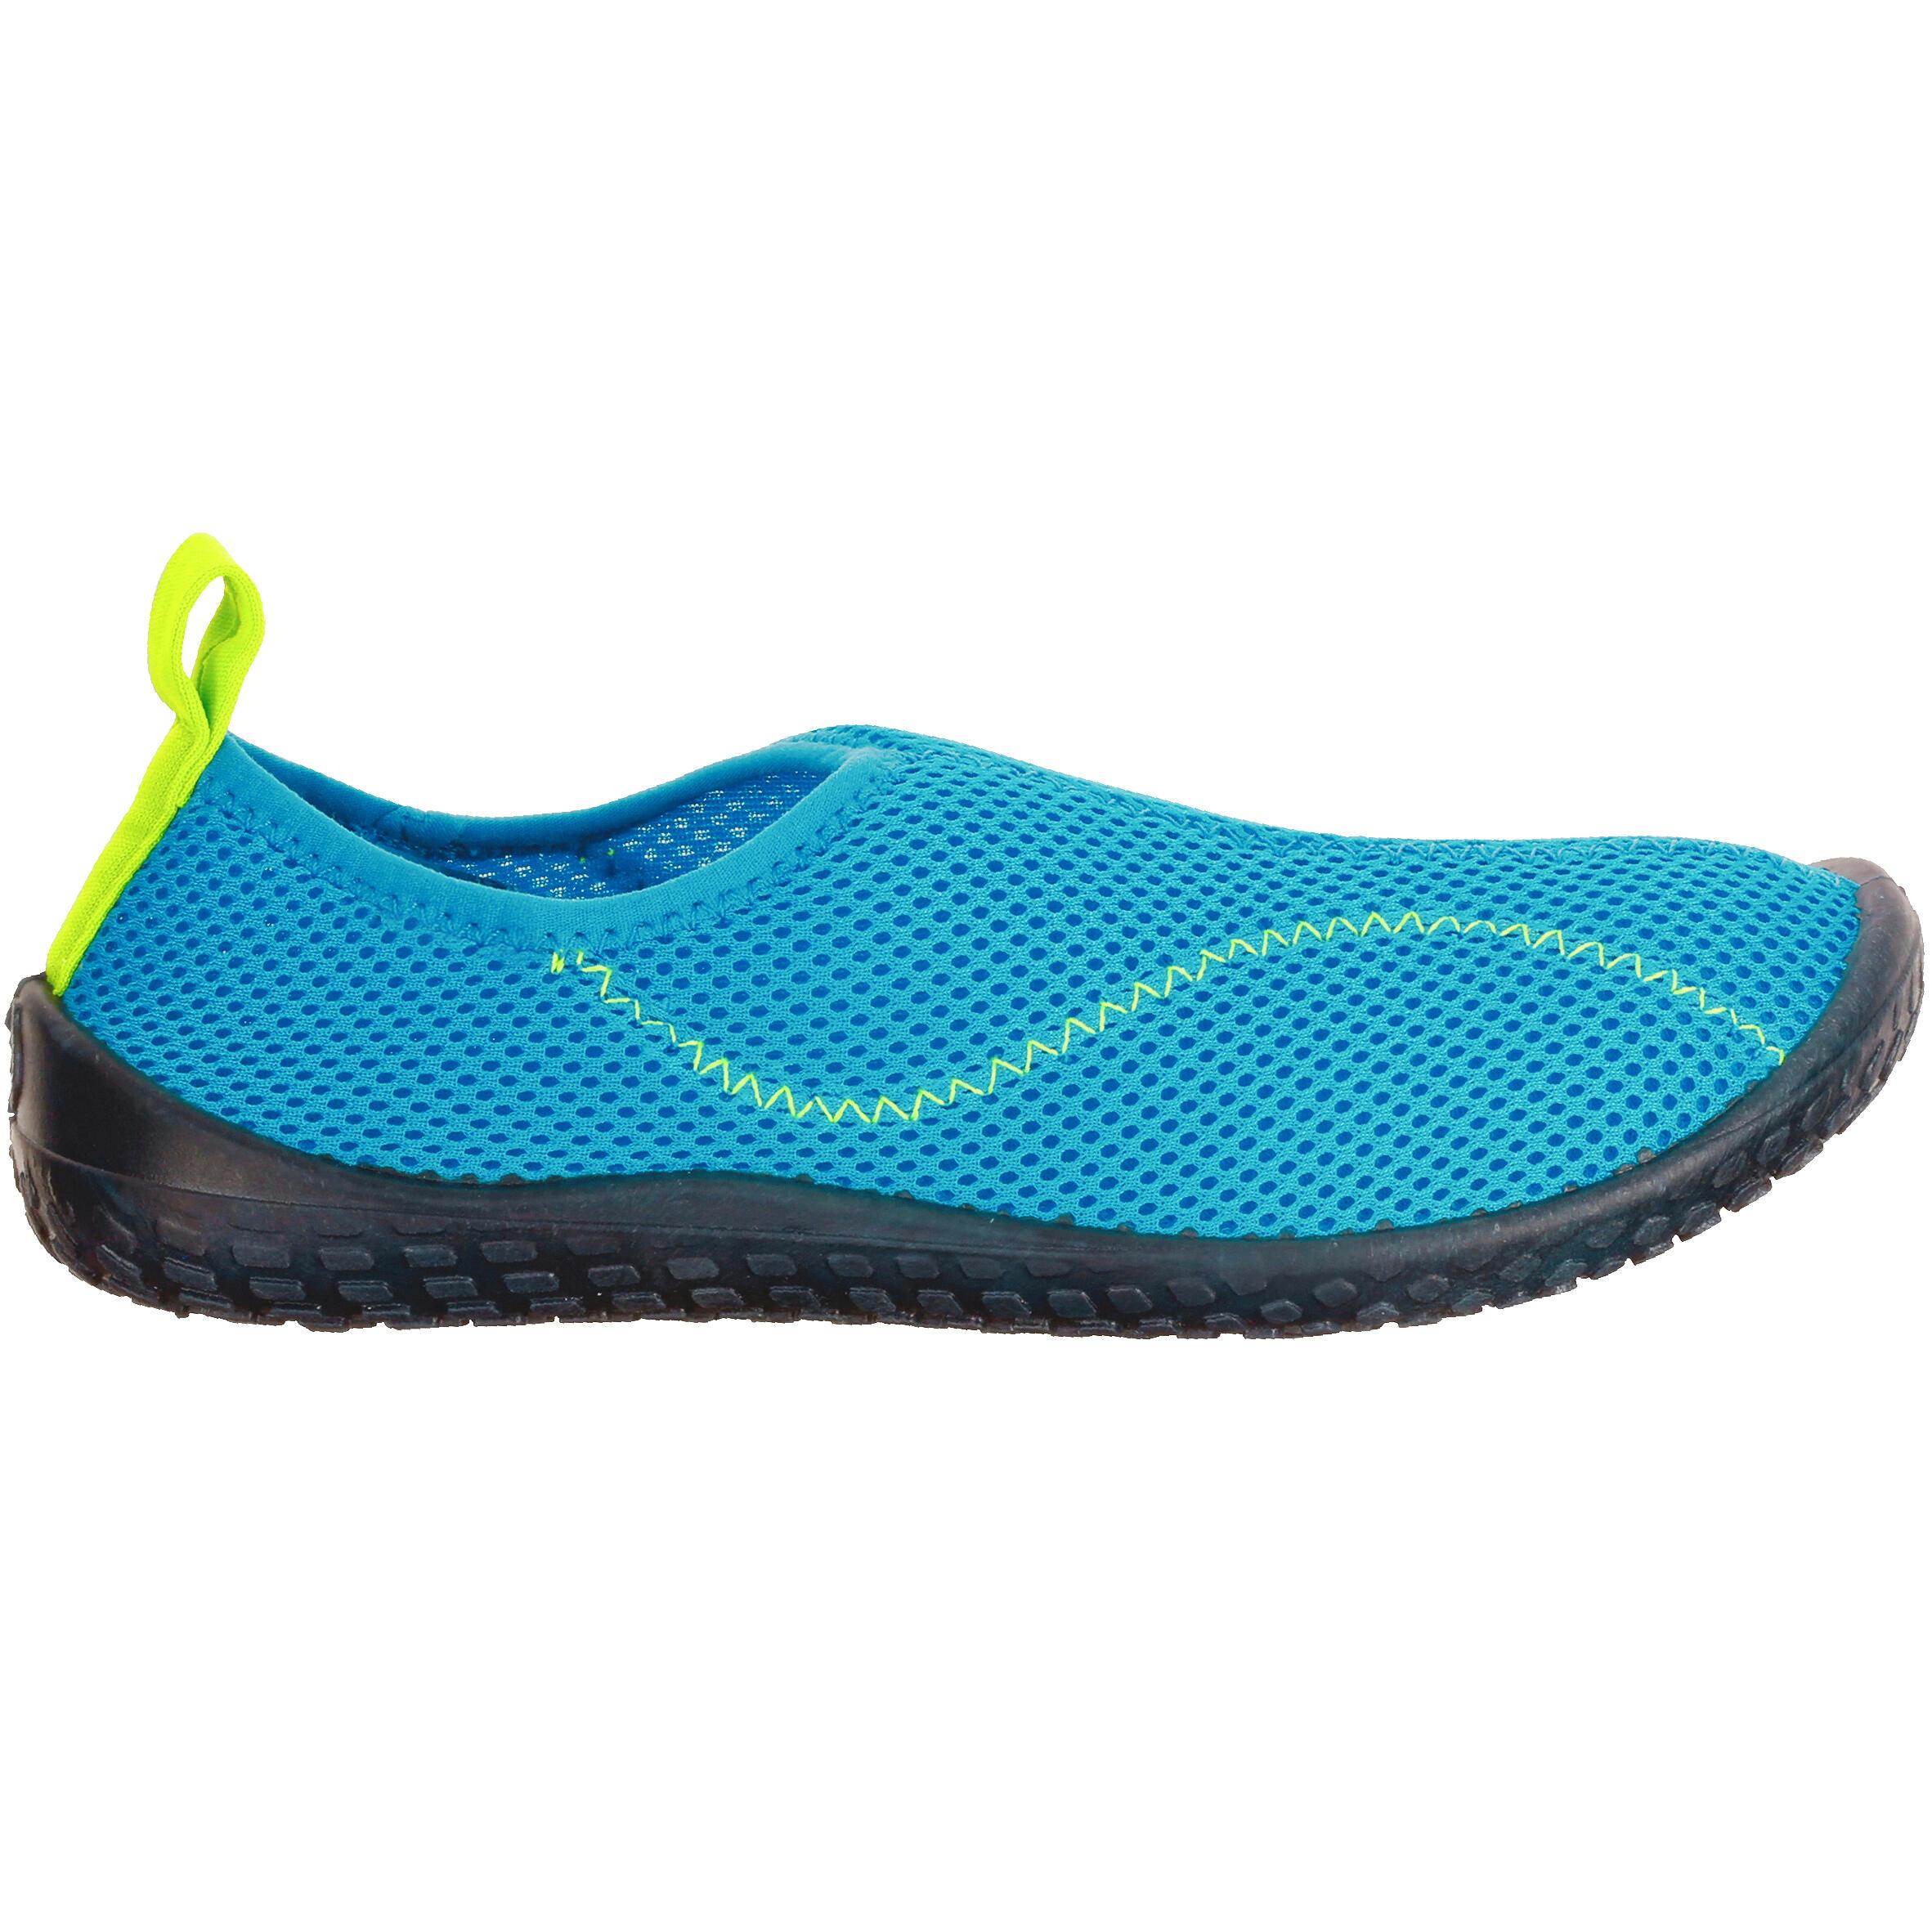 100 Kids Aquashoes - Light blue